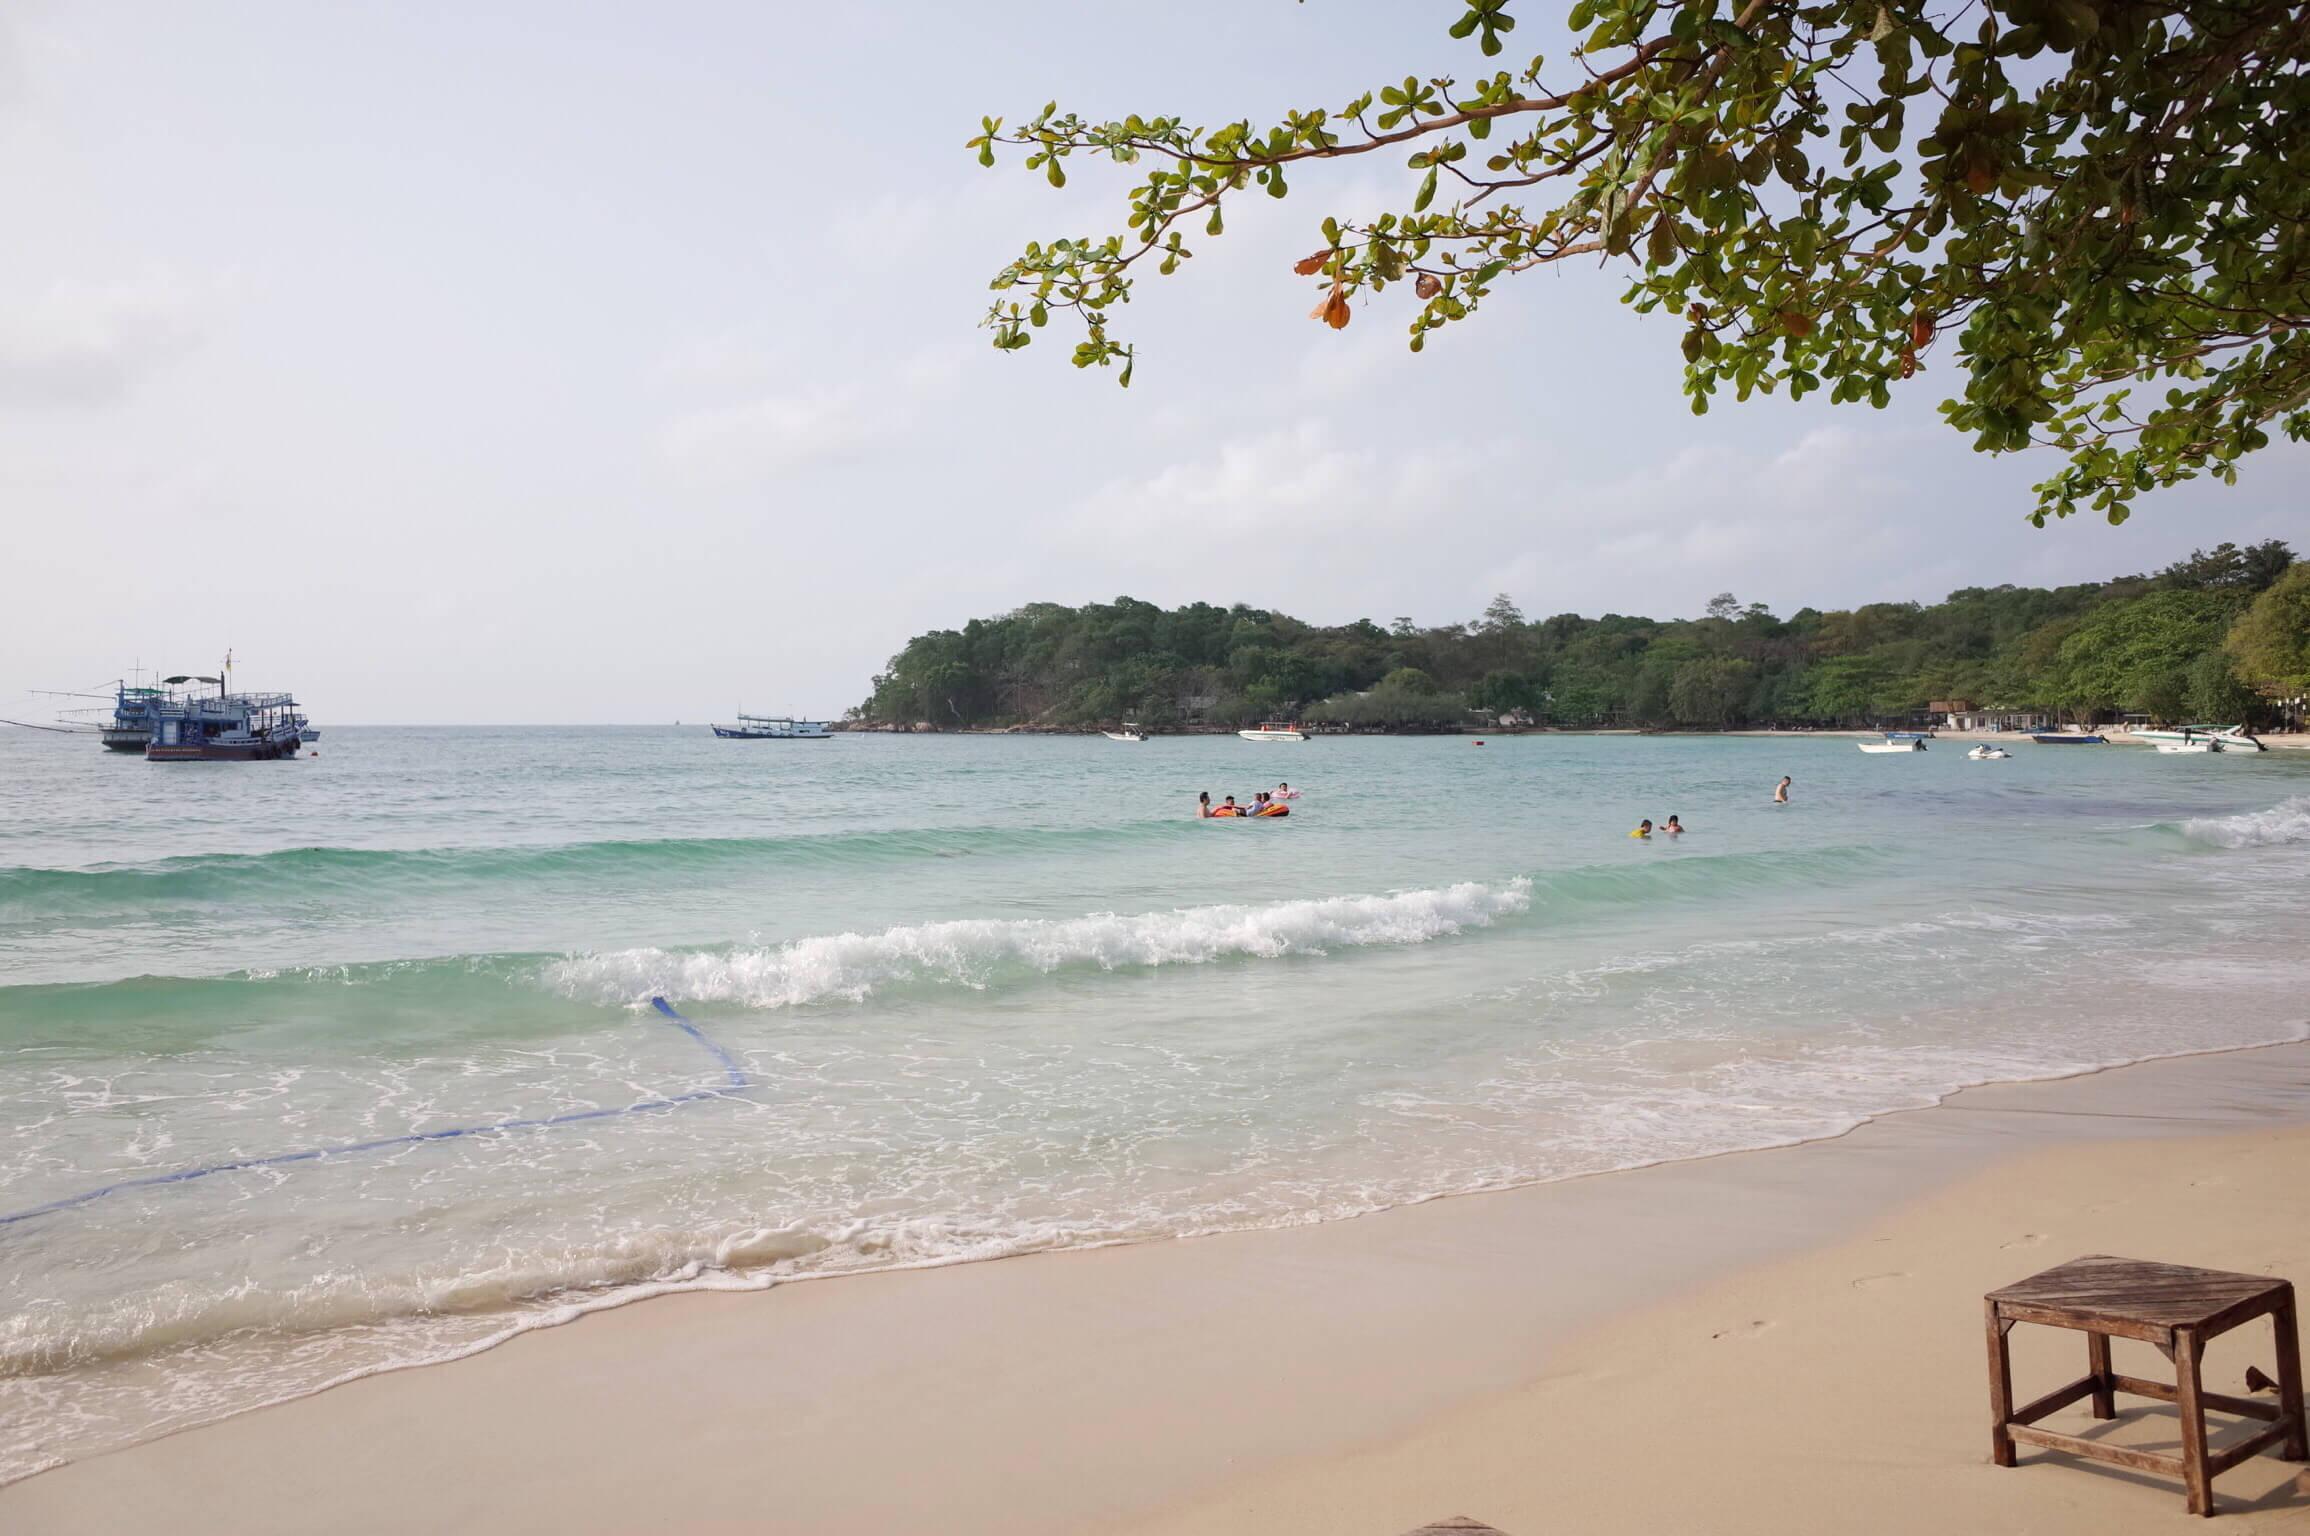 サメット島のホテルはウォンドゥアンビーチ添いがのんびりしていておすすめ!